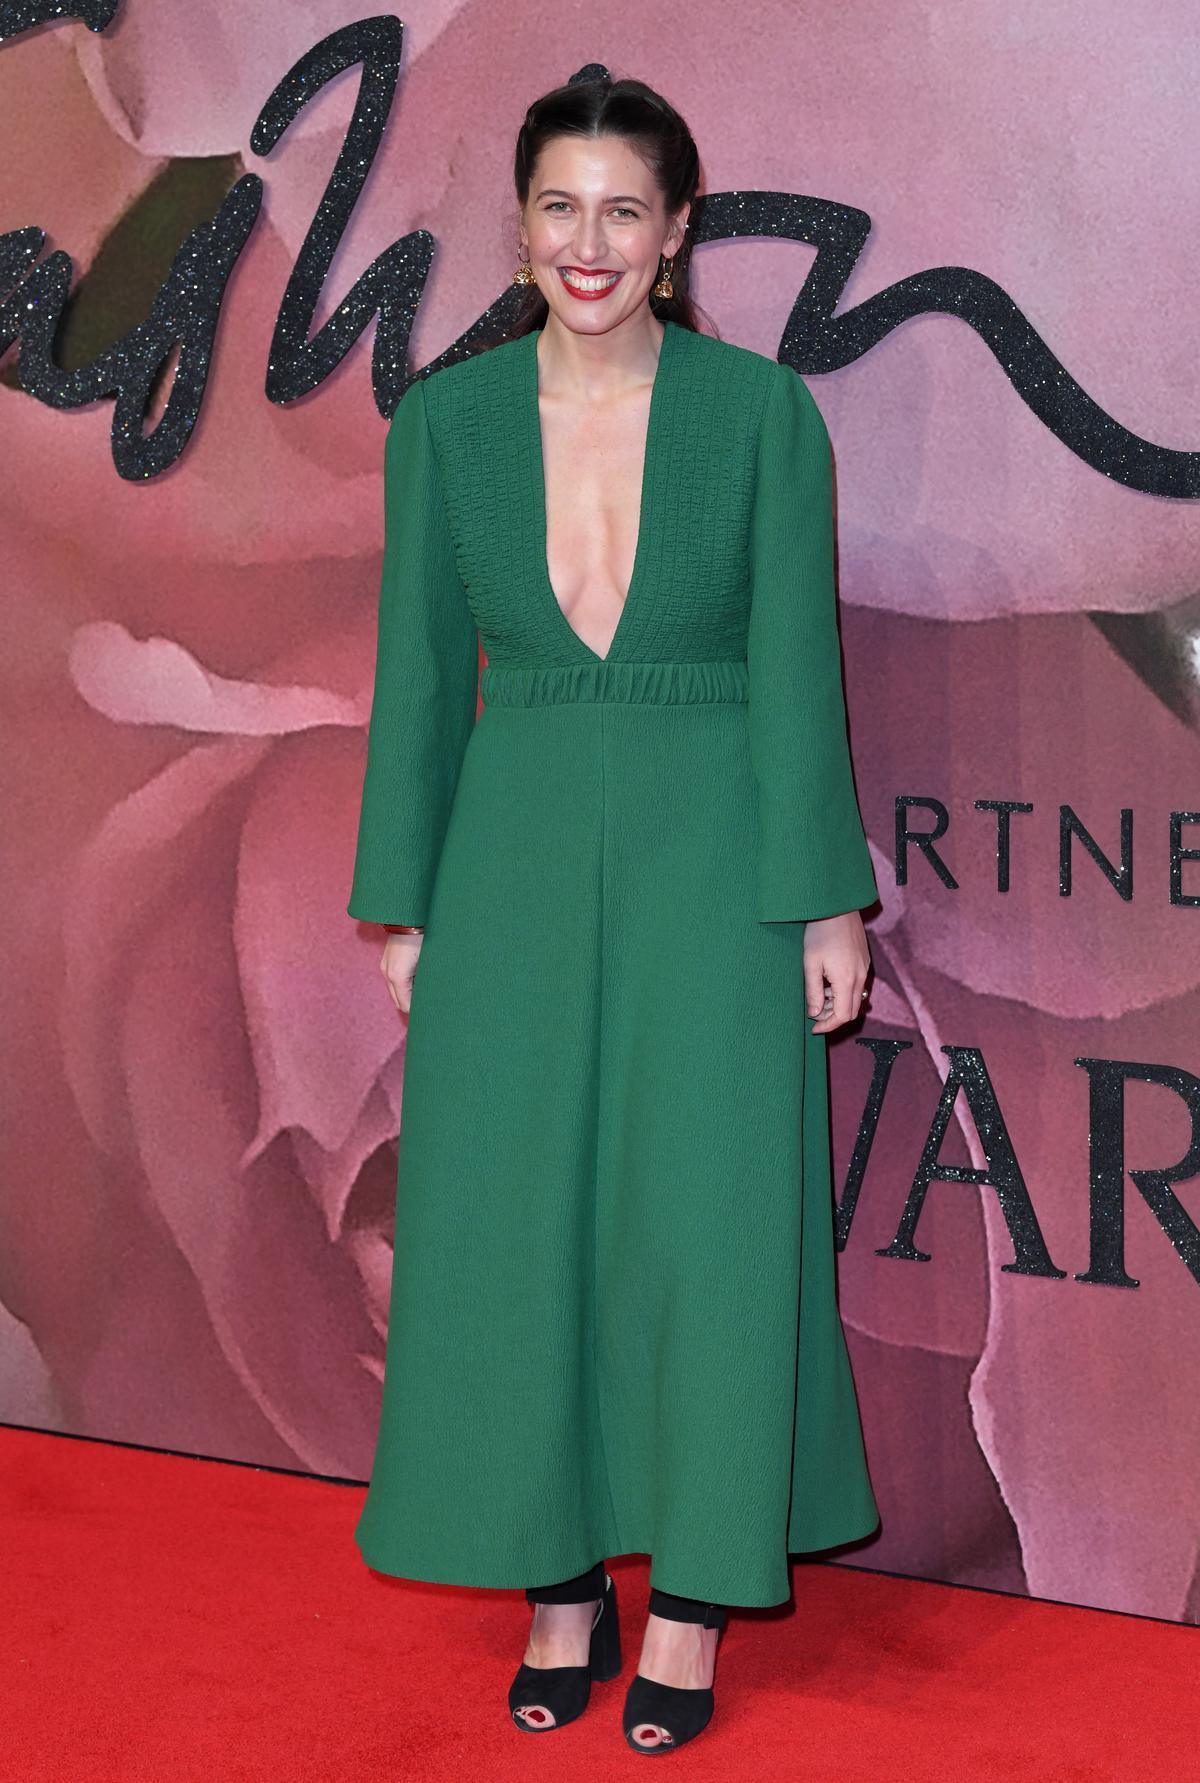 去年年底服裝設計師Emilia Wickstead一襲「自由女神綠」禮服亮相。(取自東方IC)